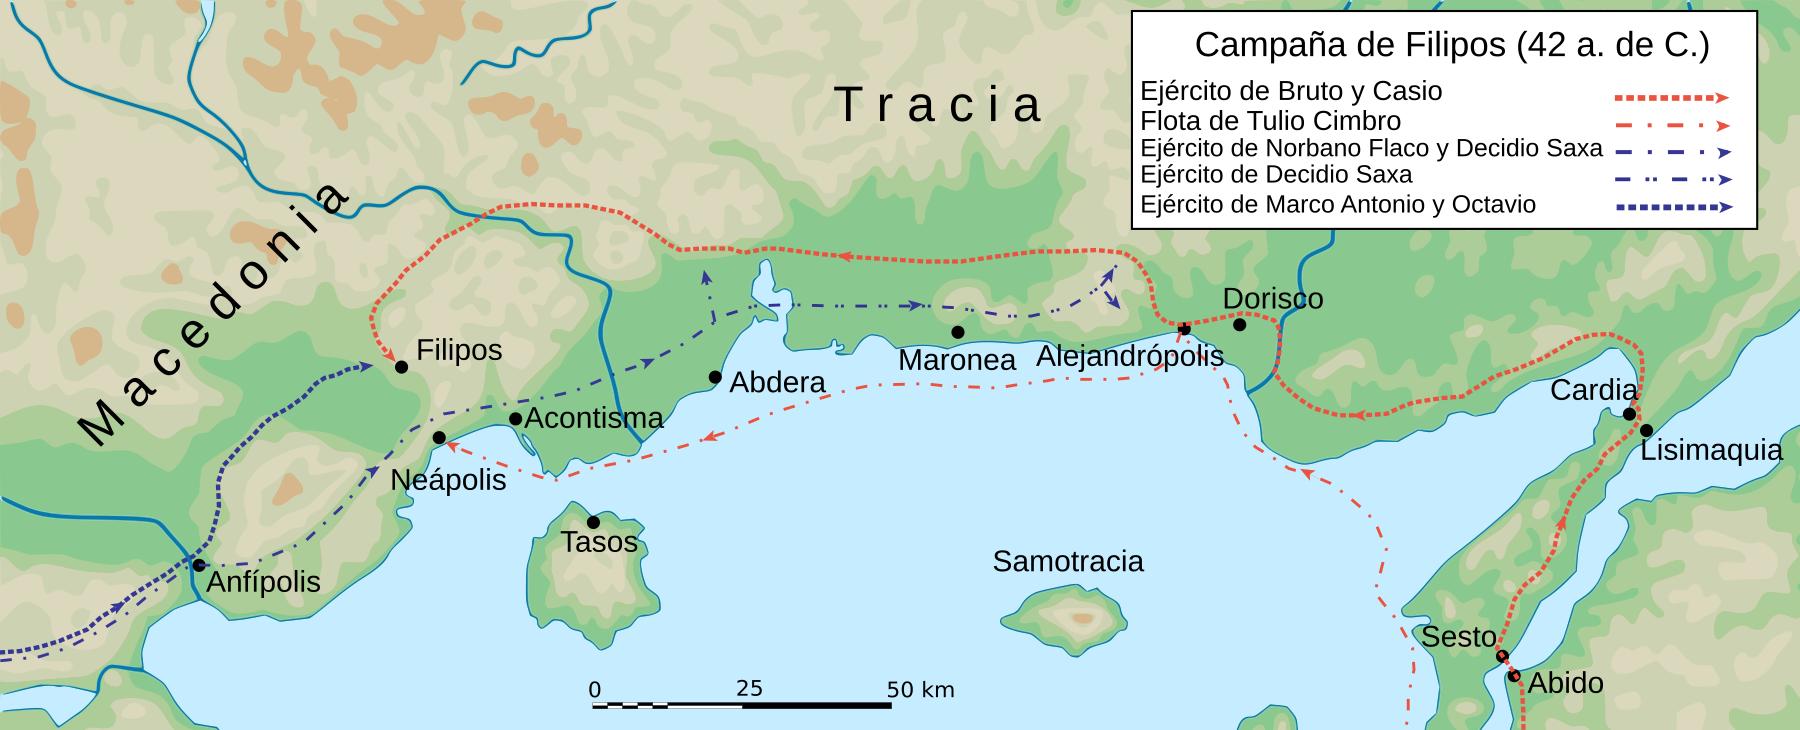 Mapa campaña Filipos 42 BC-es.svg